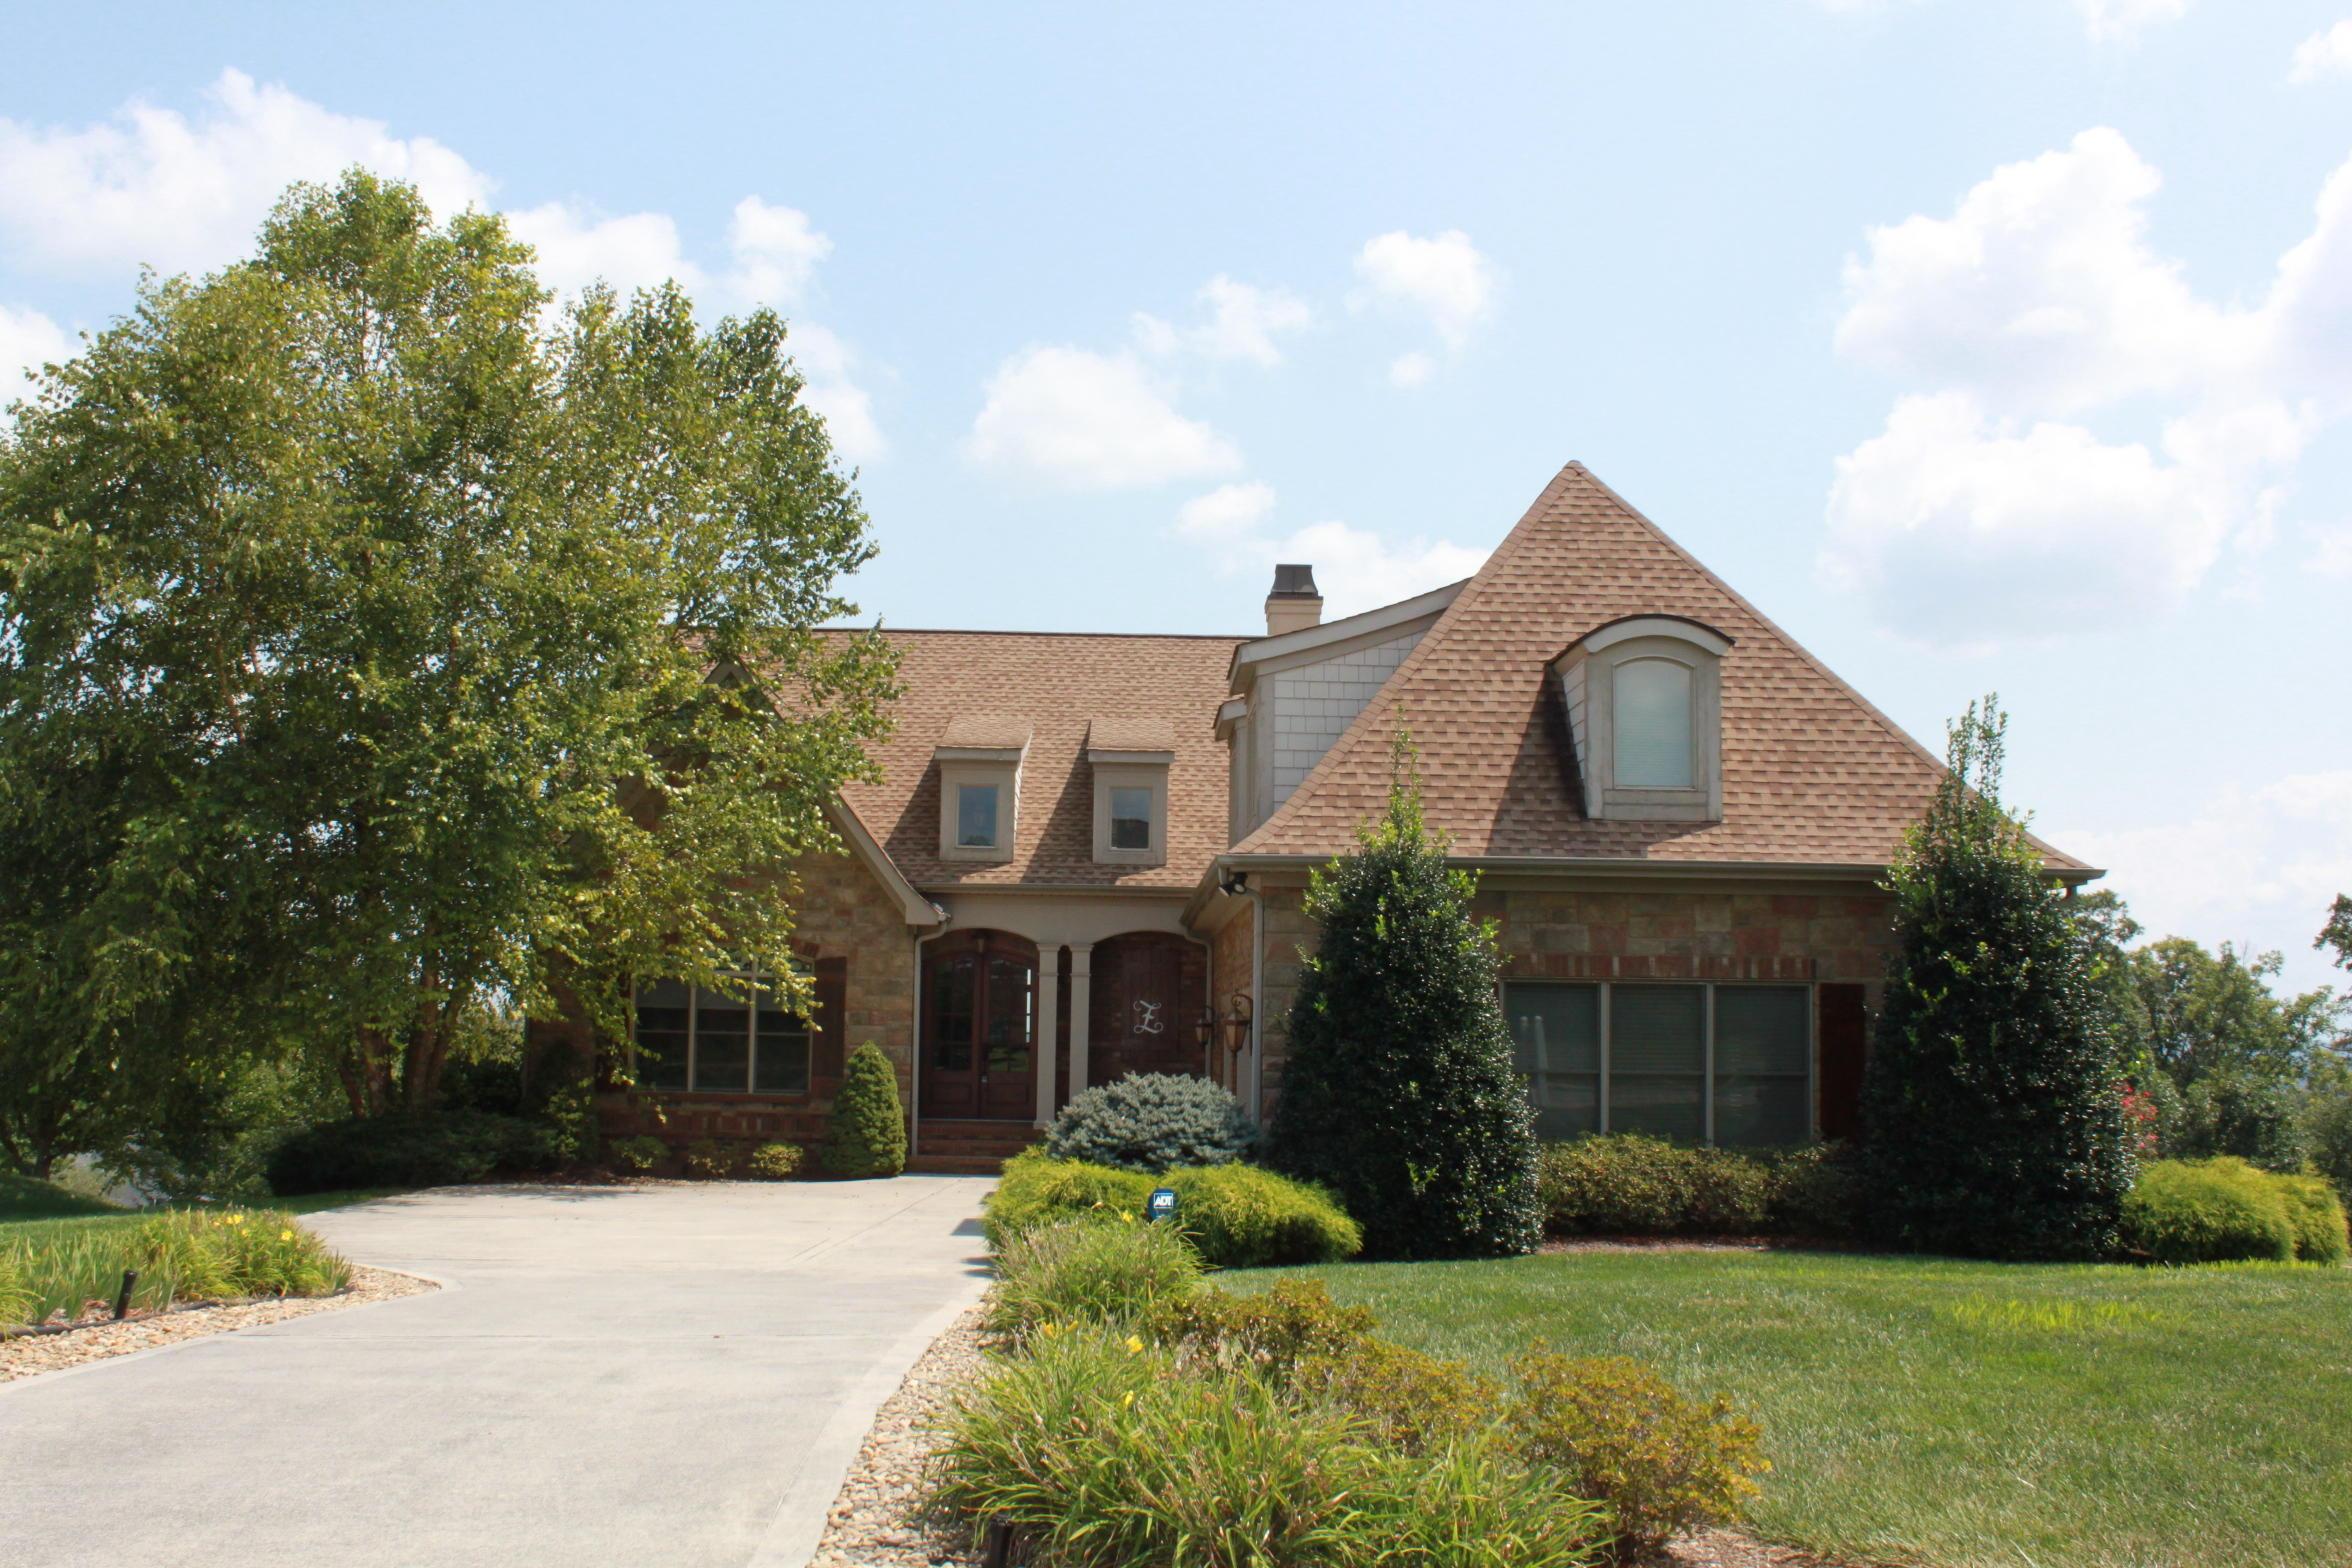 760 Brochardt Blvd, Knoxville, TN 37934